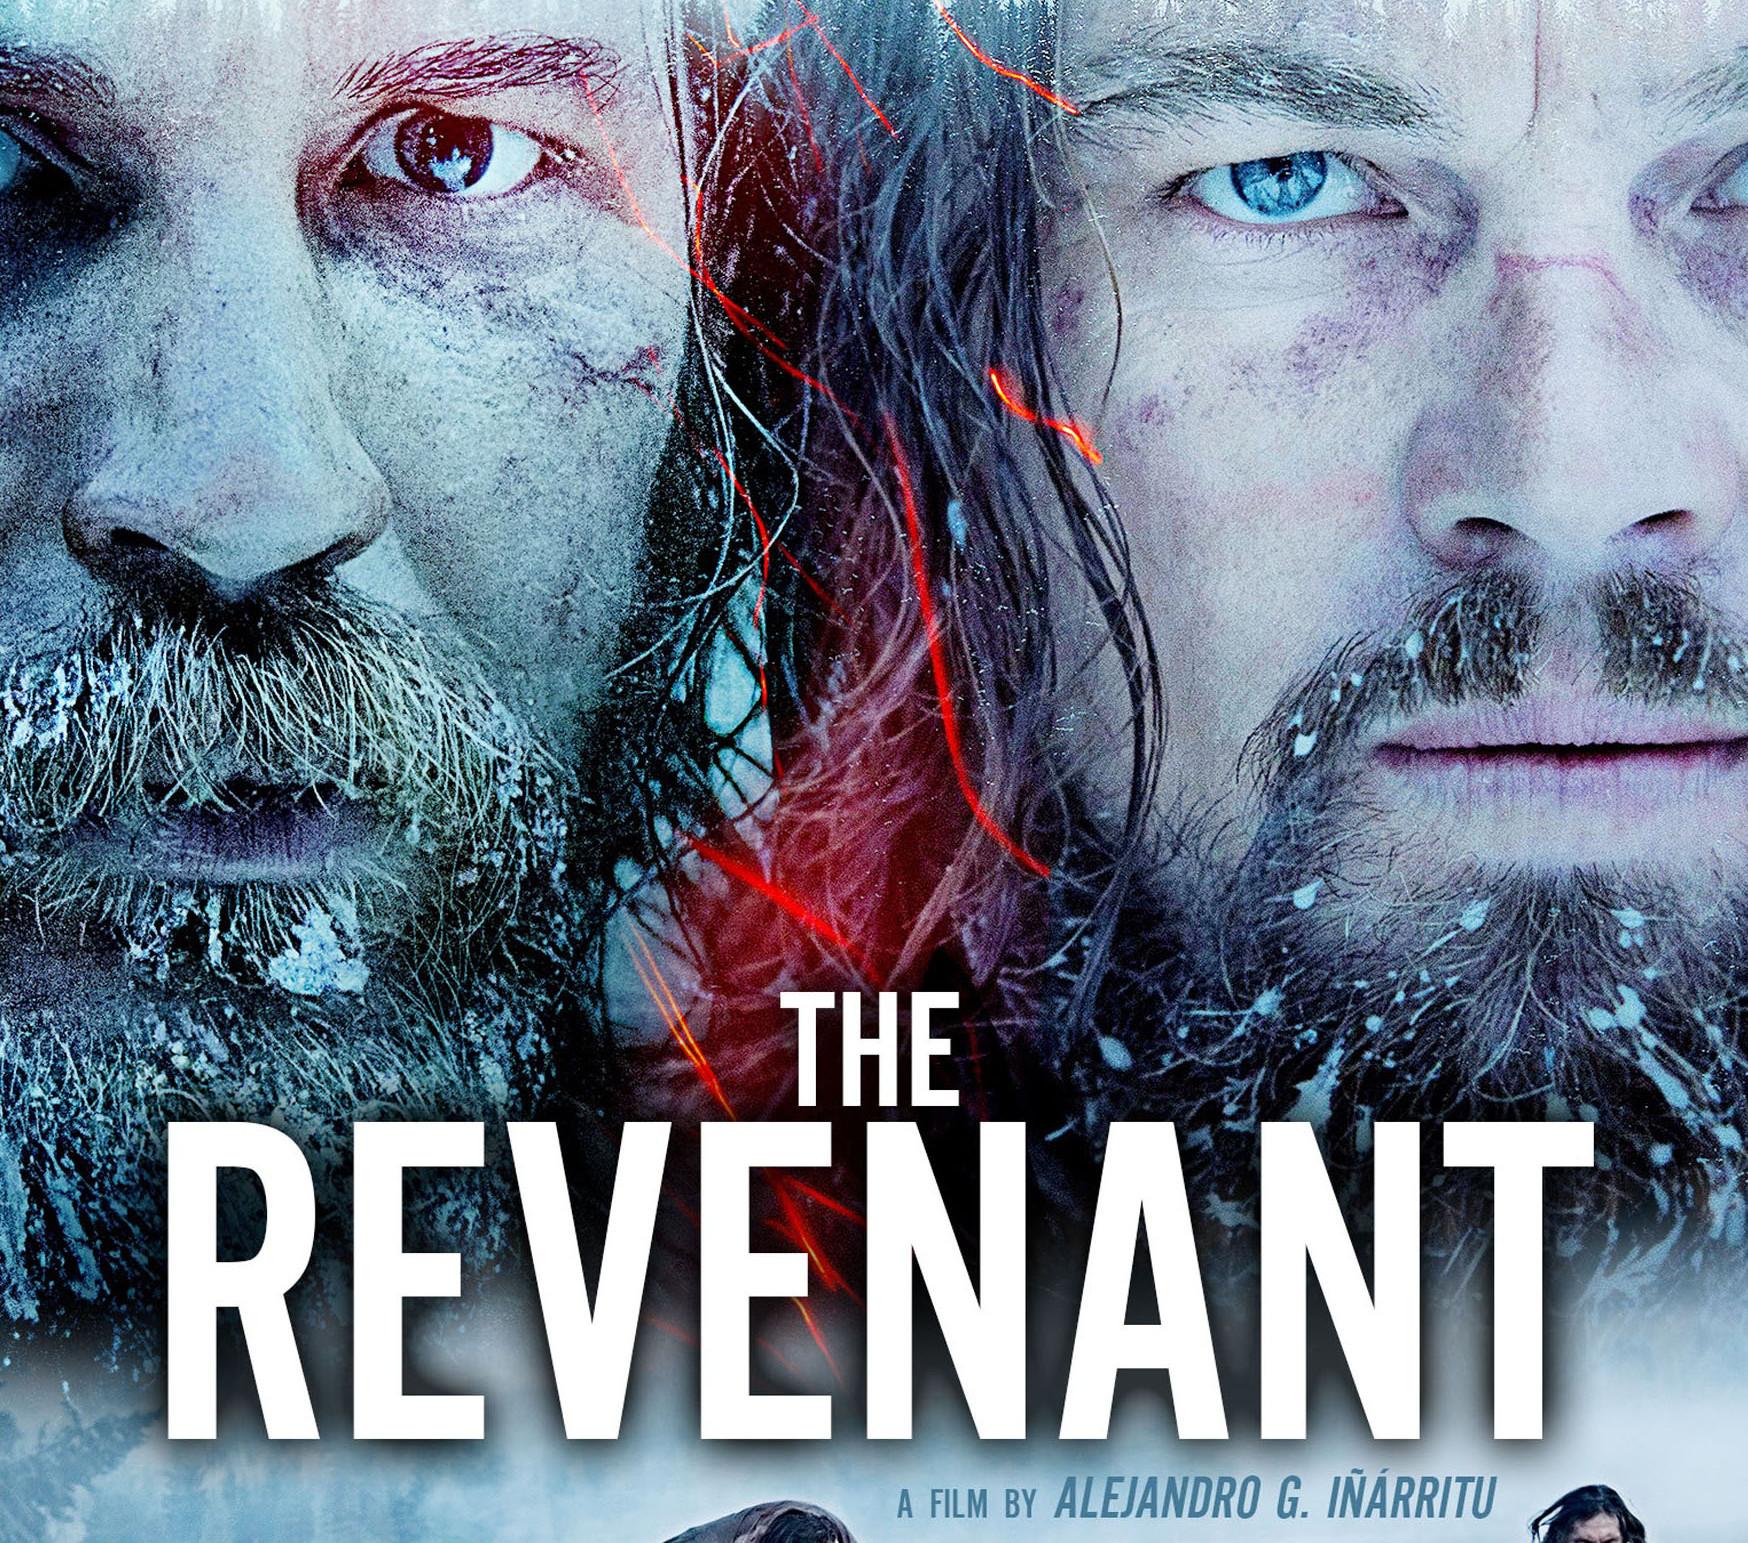 The-Revenant-2015-poster1-e1461018151235.jpg